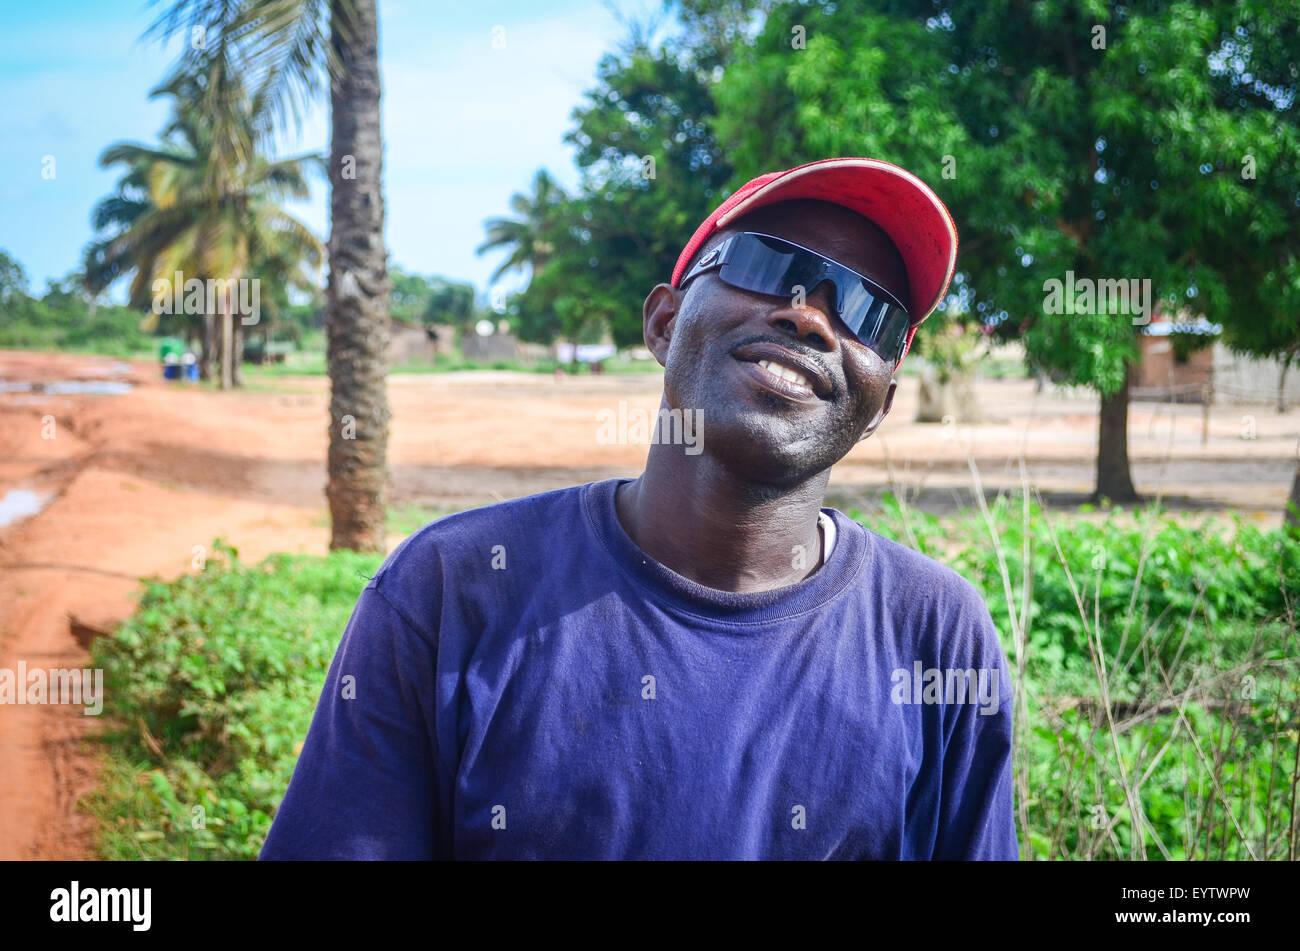 Los angoleños con gafas de sol sonriente, en las carreteras de la provincia de Zaire, Imagen De Stock